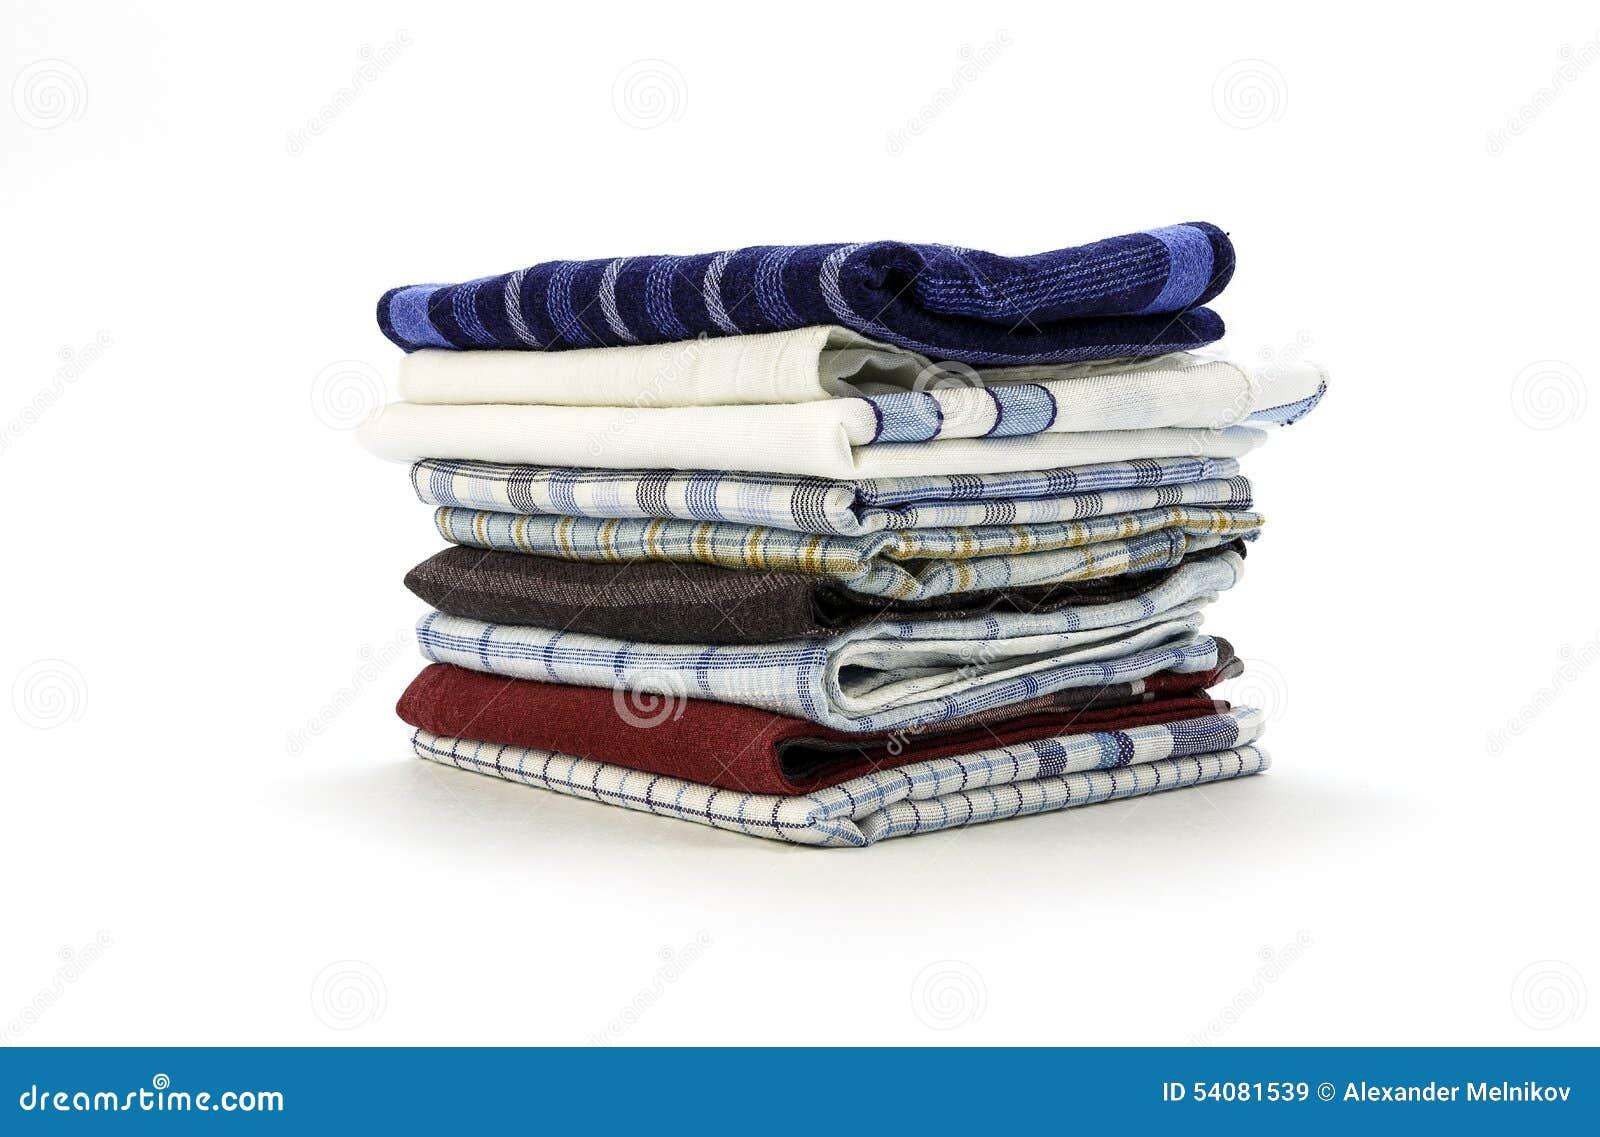 Zakdoeken voor mensen op een witte achtergrond